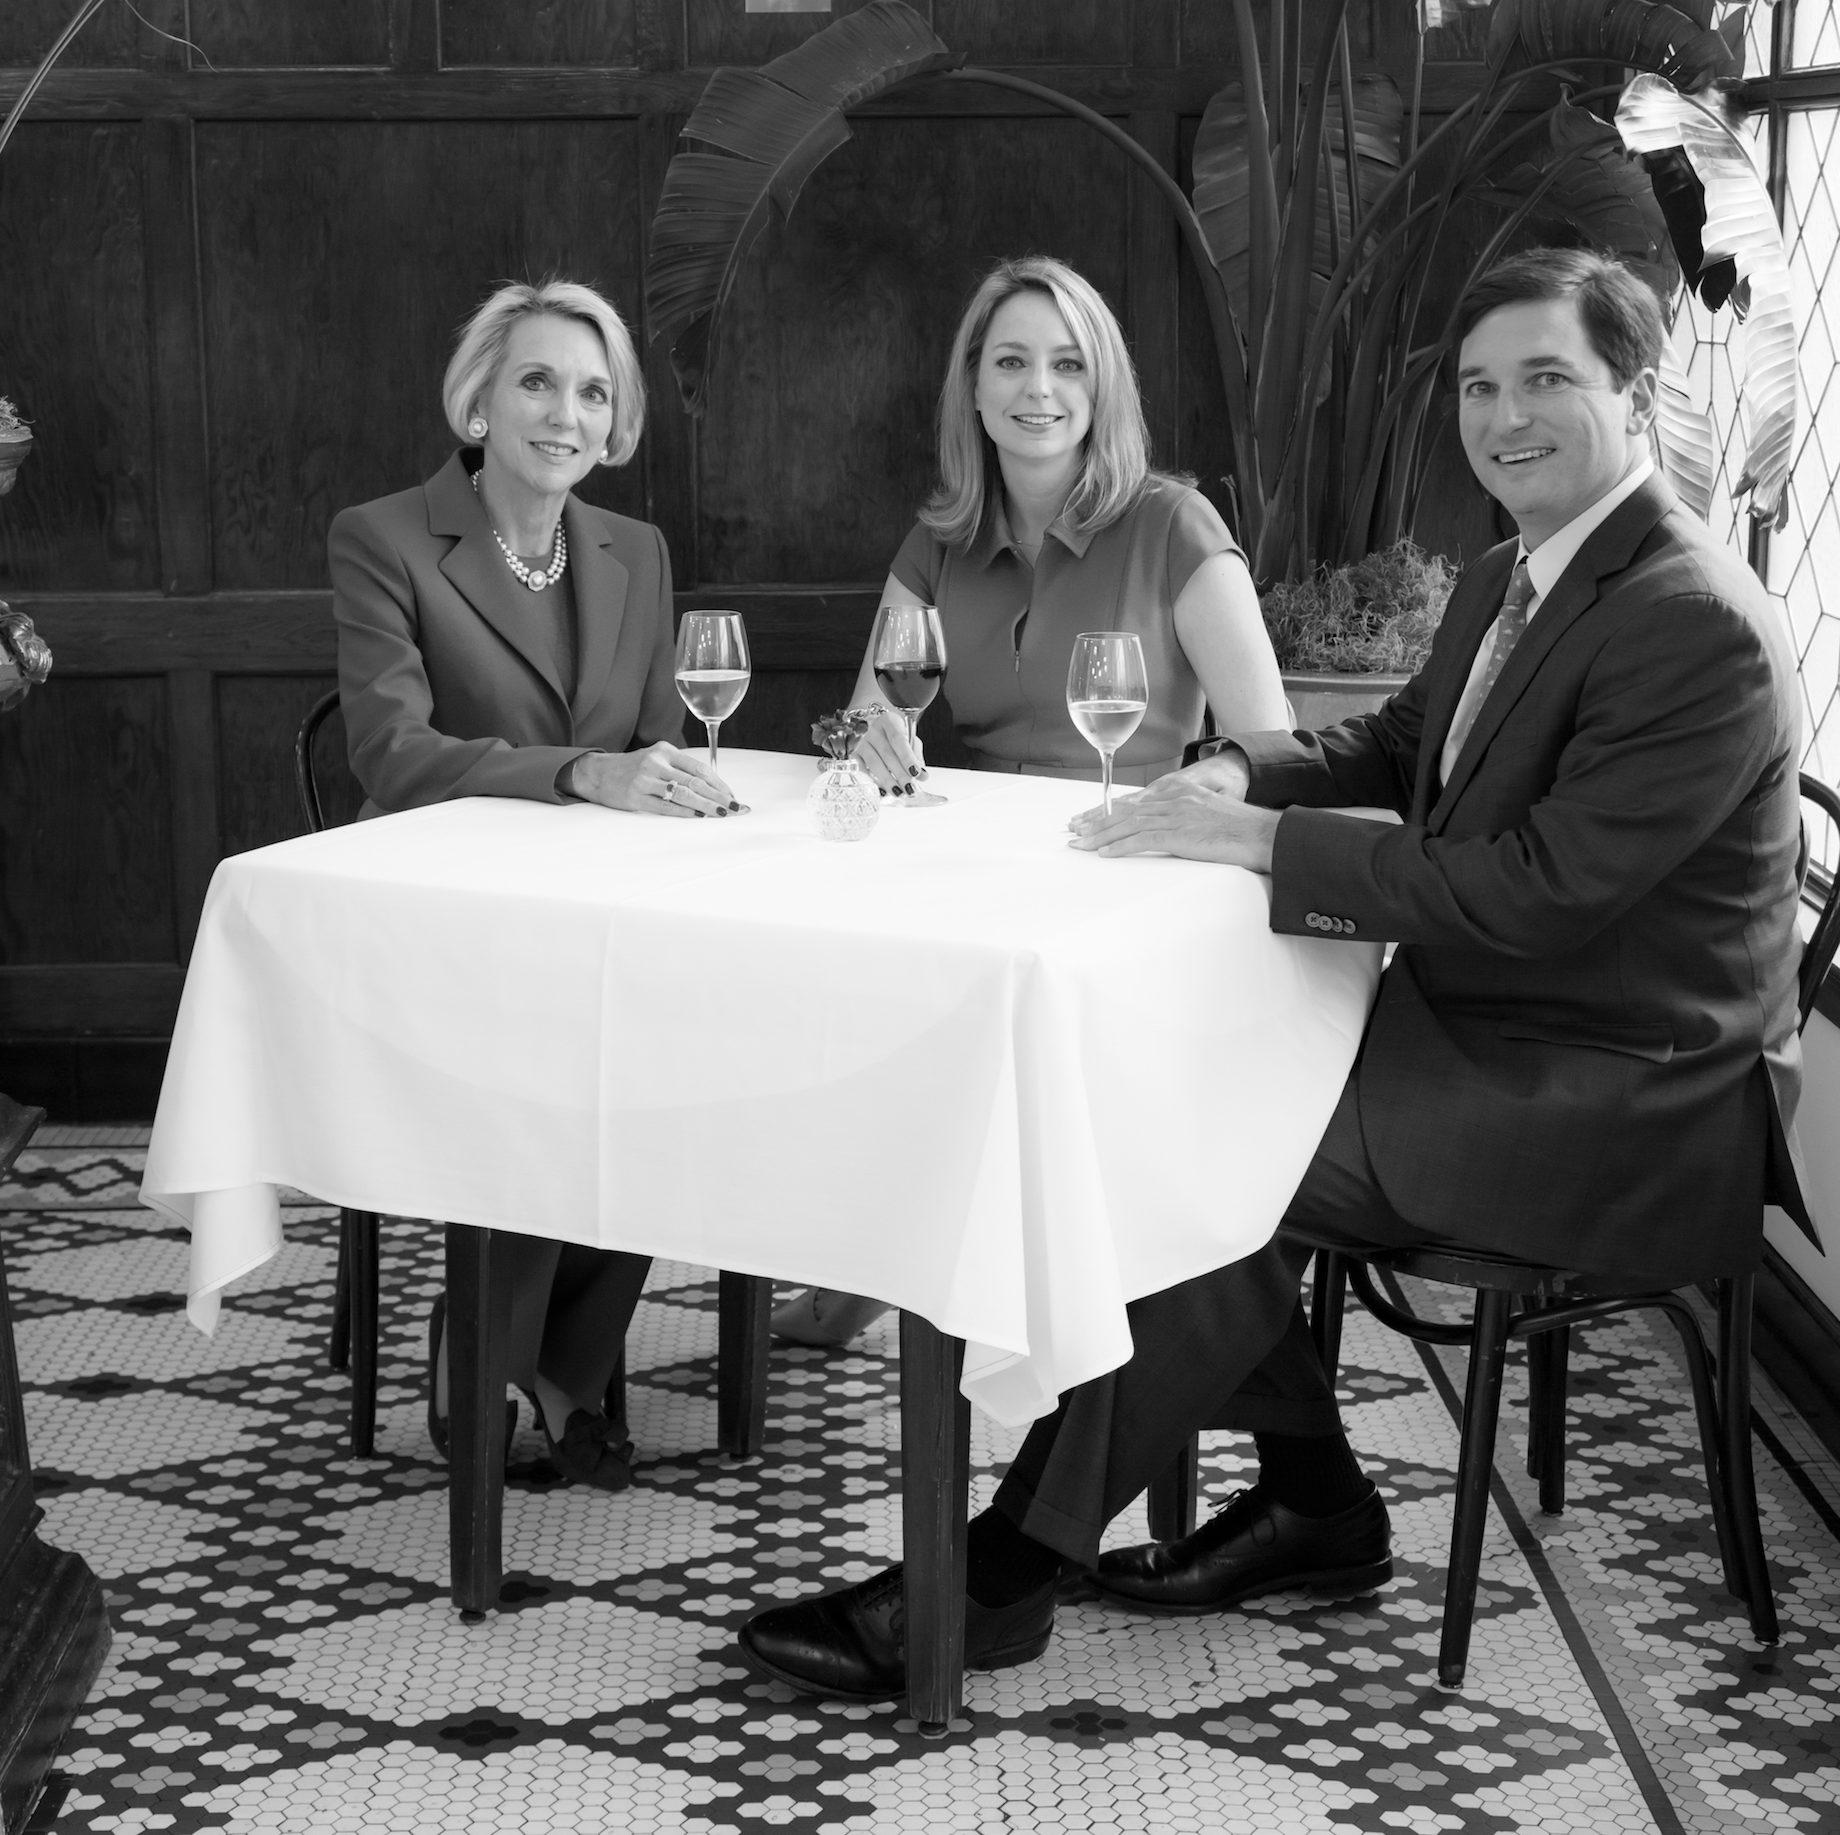 Jane, Katy & Archie Casbarian, Jr. - Arnaud's Restaurant